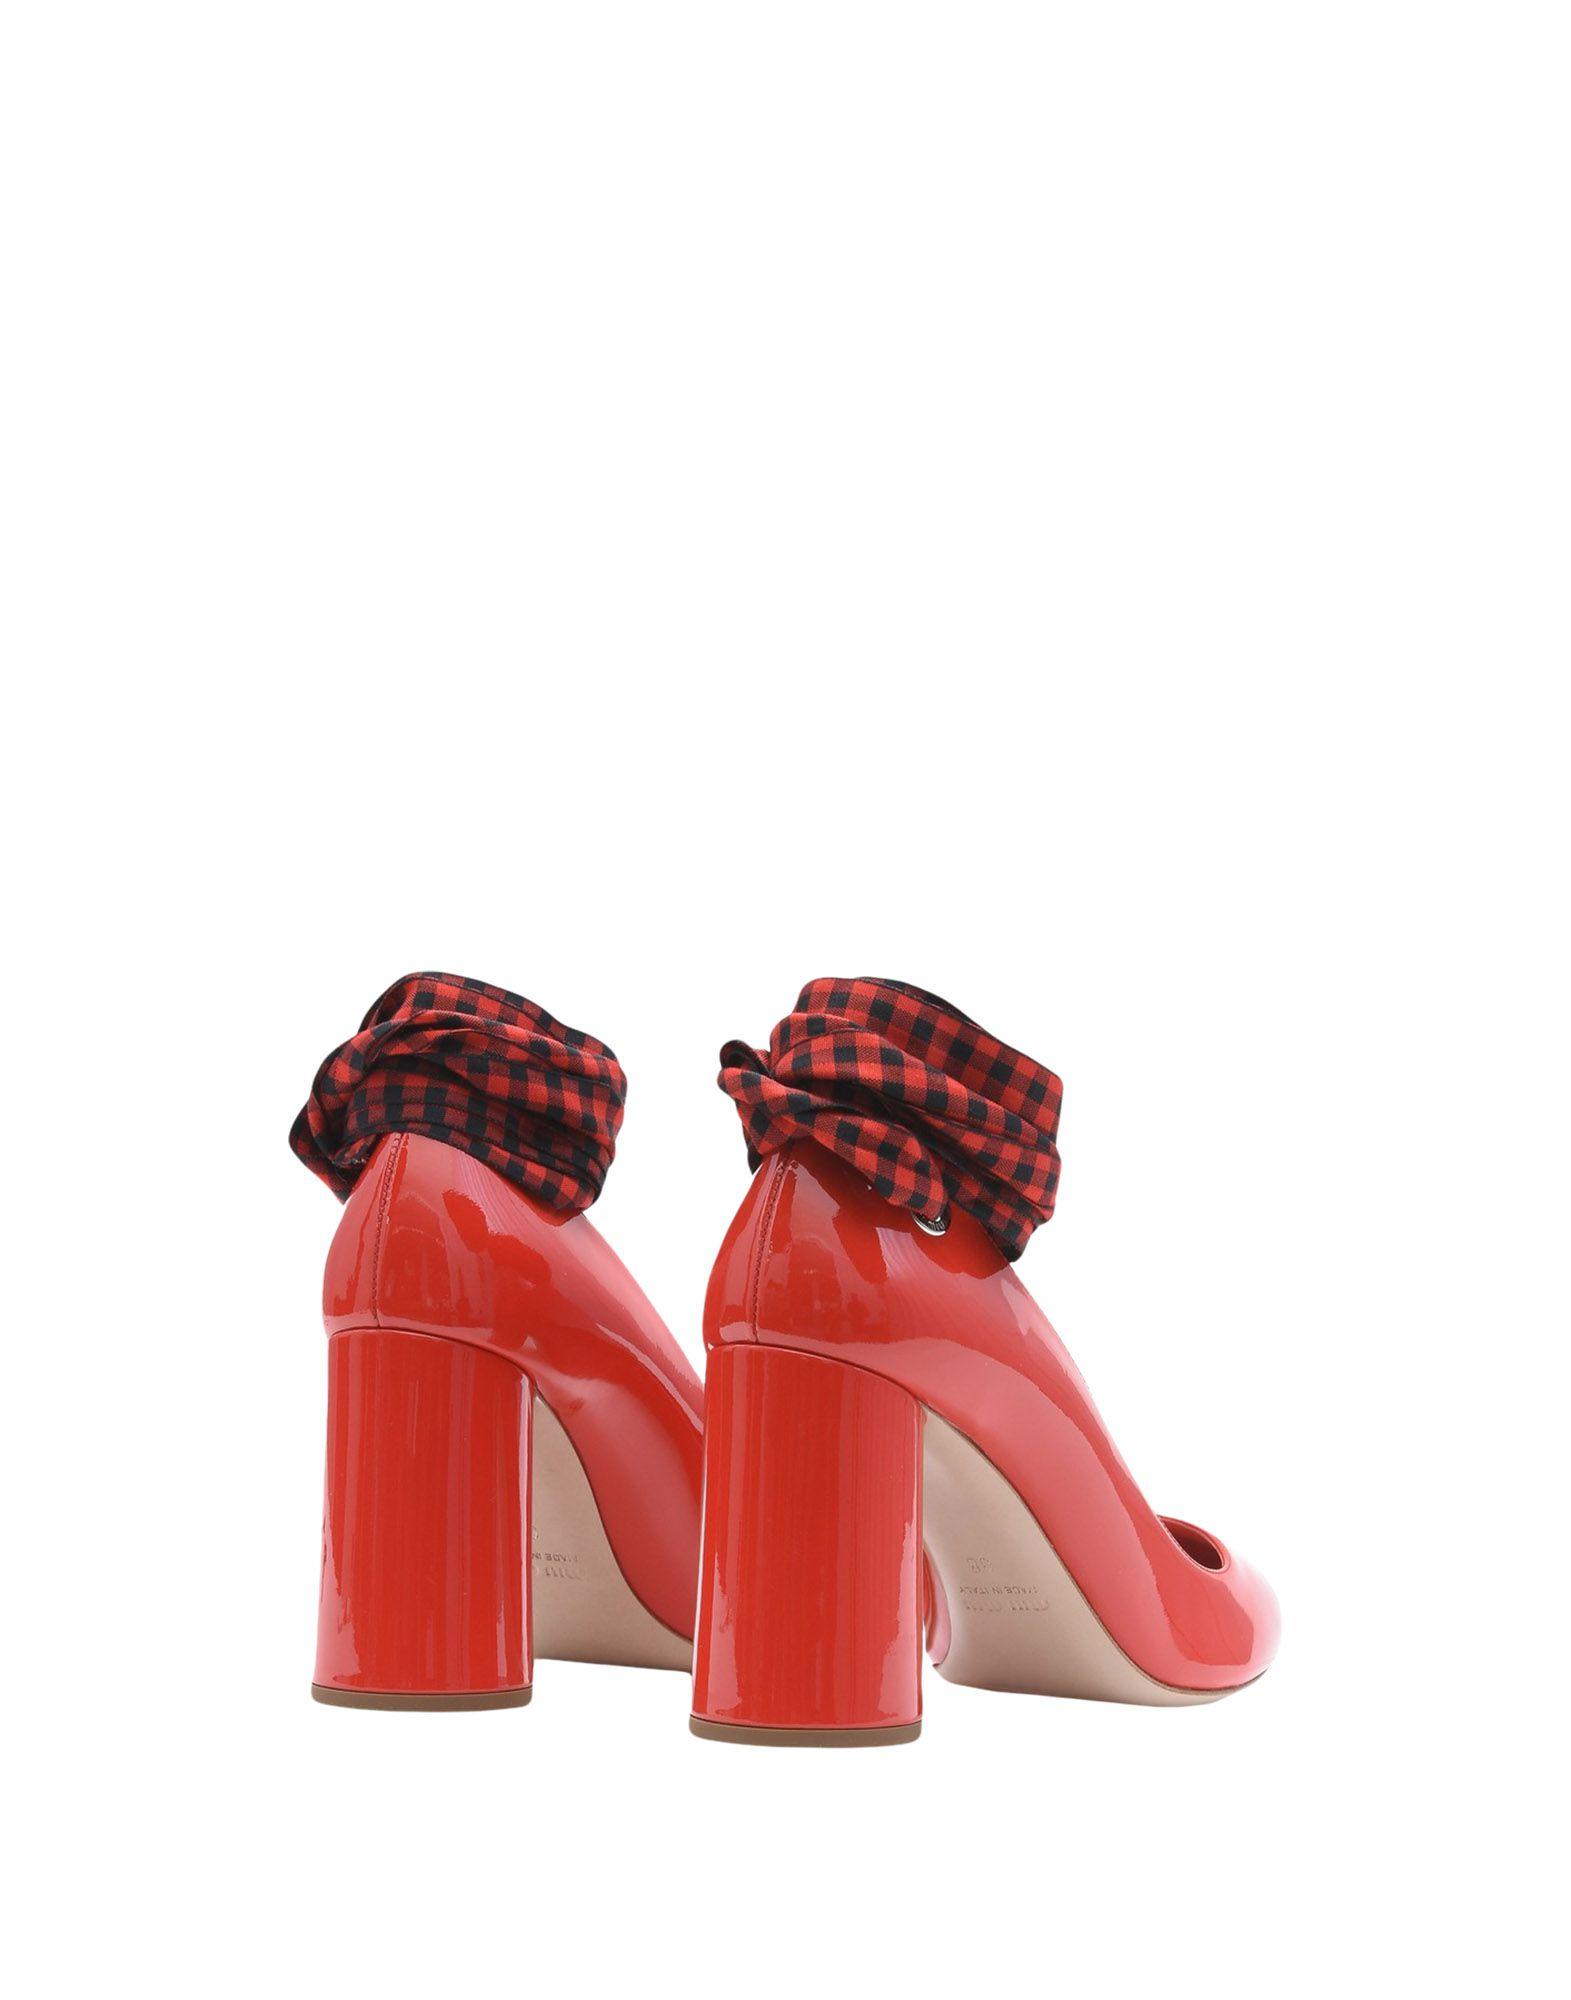 Rabatt Schuhe Miu Miu Pumps  Damen  Pumps 11431732XS cc7754